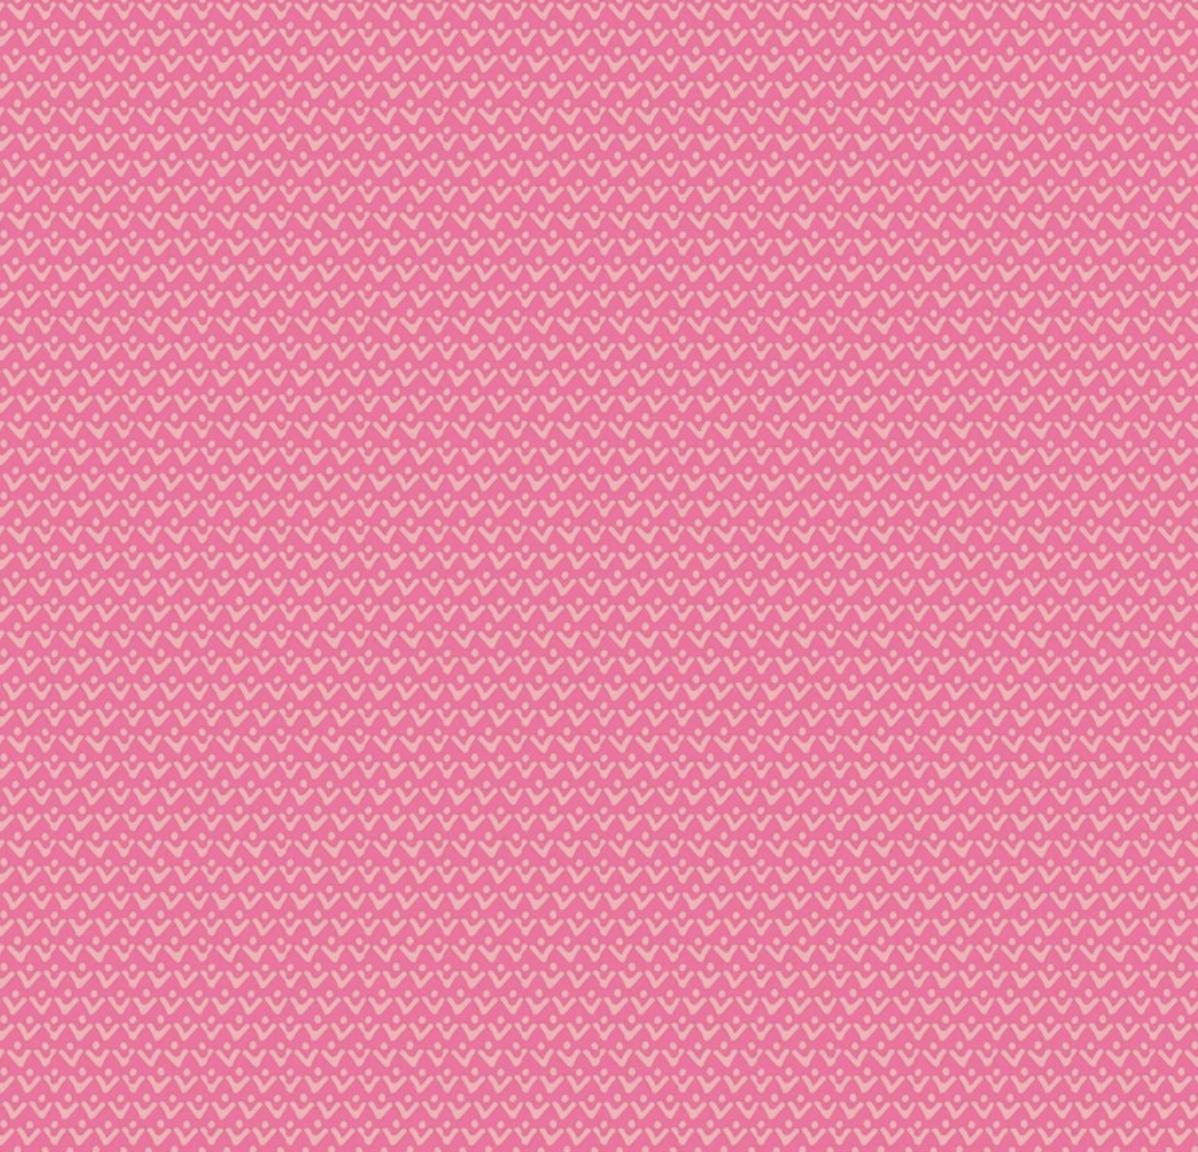 Maude Asbury Desert Blooms - Zest (Pink)